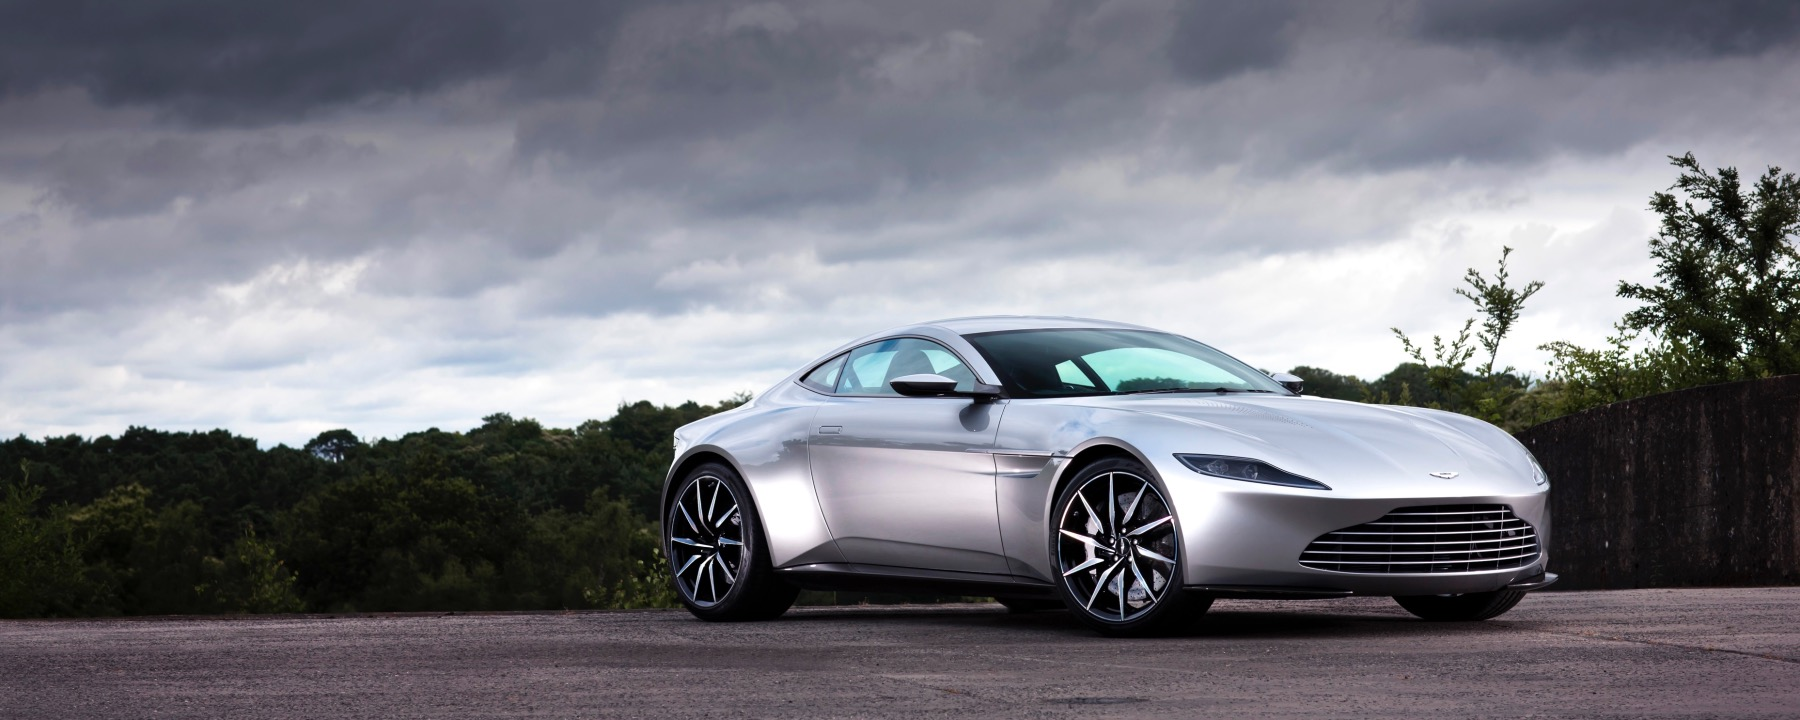 Aston Martin Celebrates 70 Years Indigo Auto Group Blog